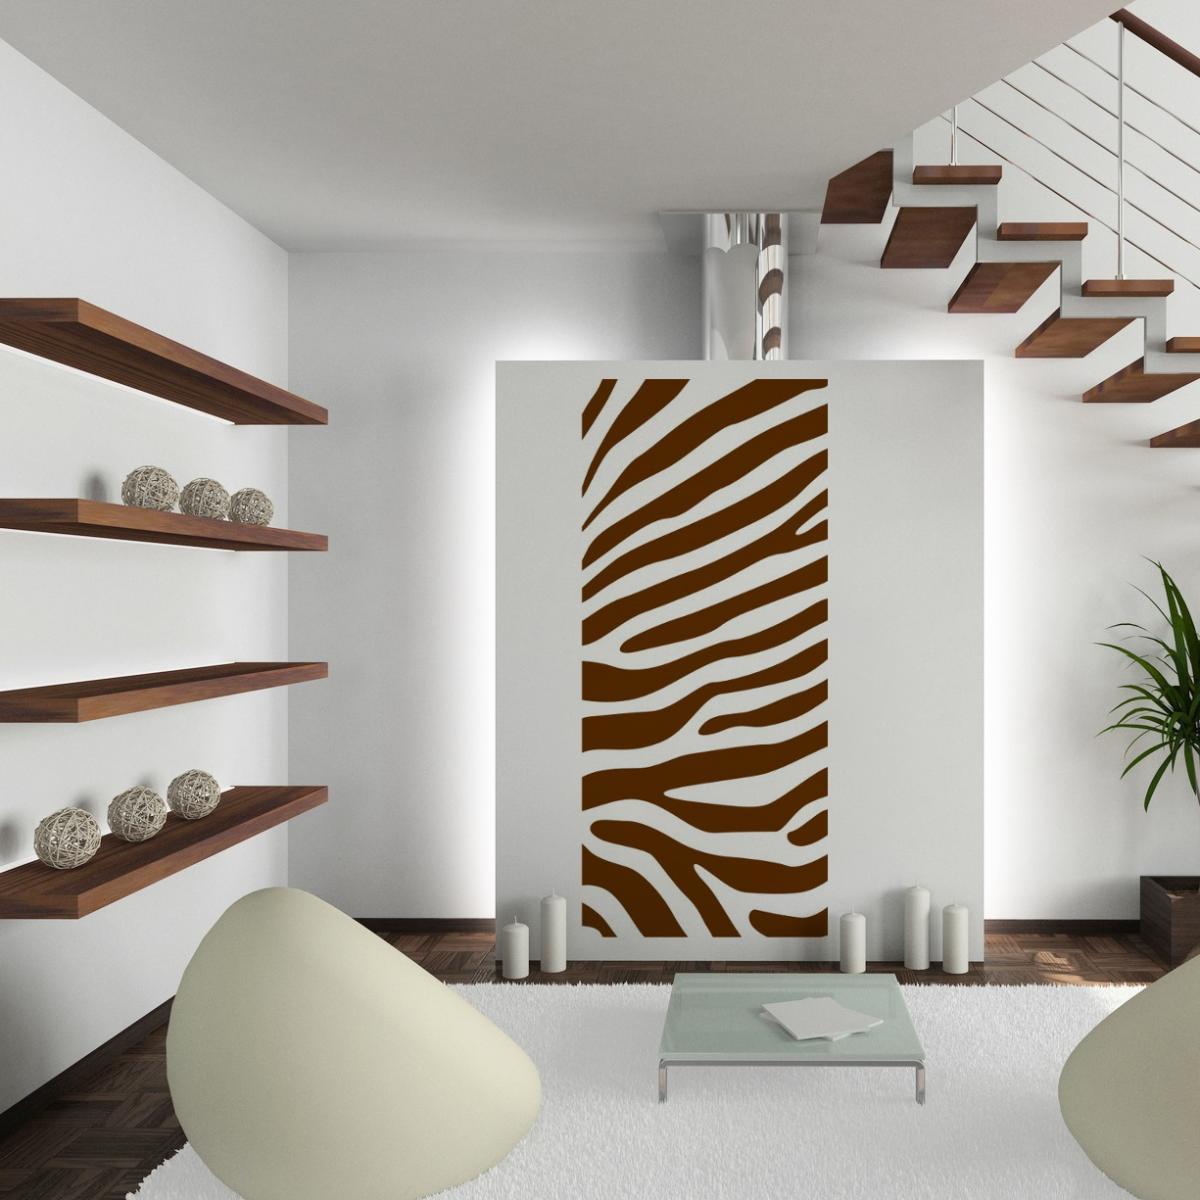 Wandtattoo wt267e wandbanner zebra muster wanddekoration for Fliesen outlet hamm